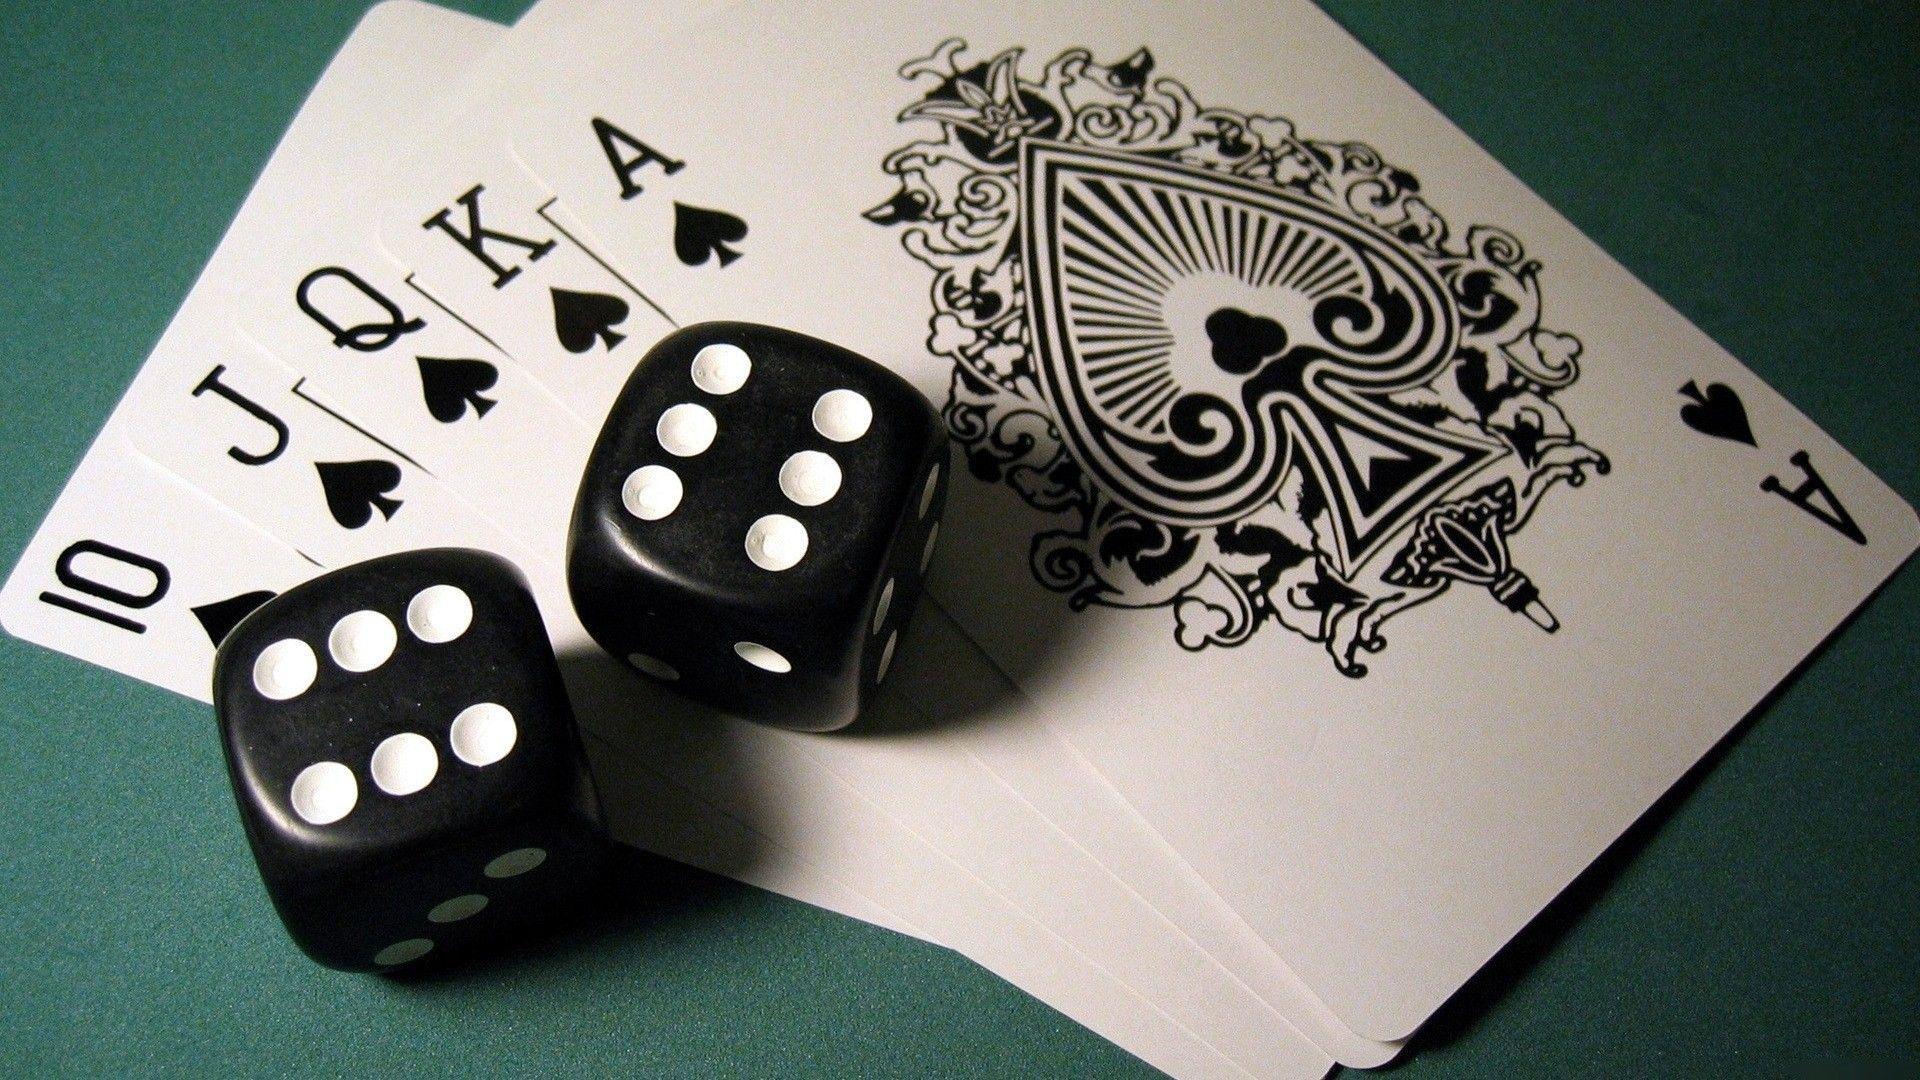 Morongo blackjack